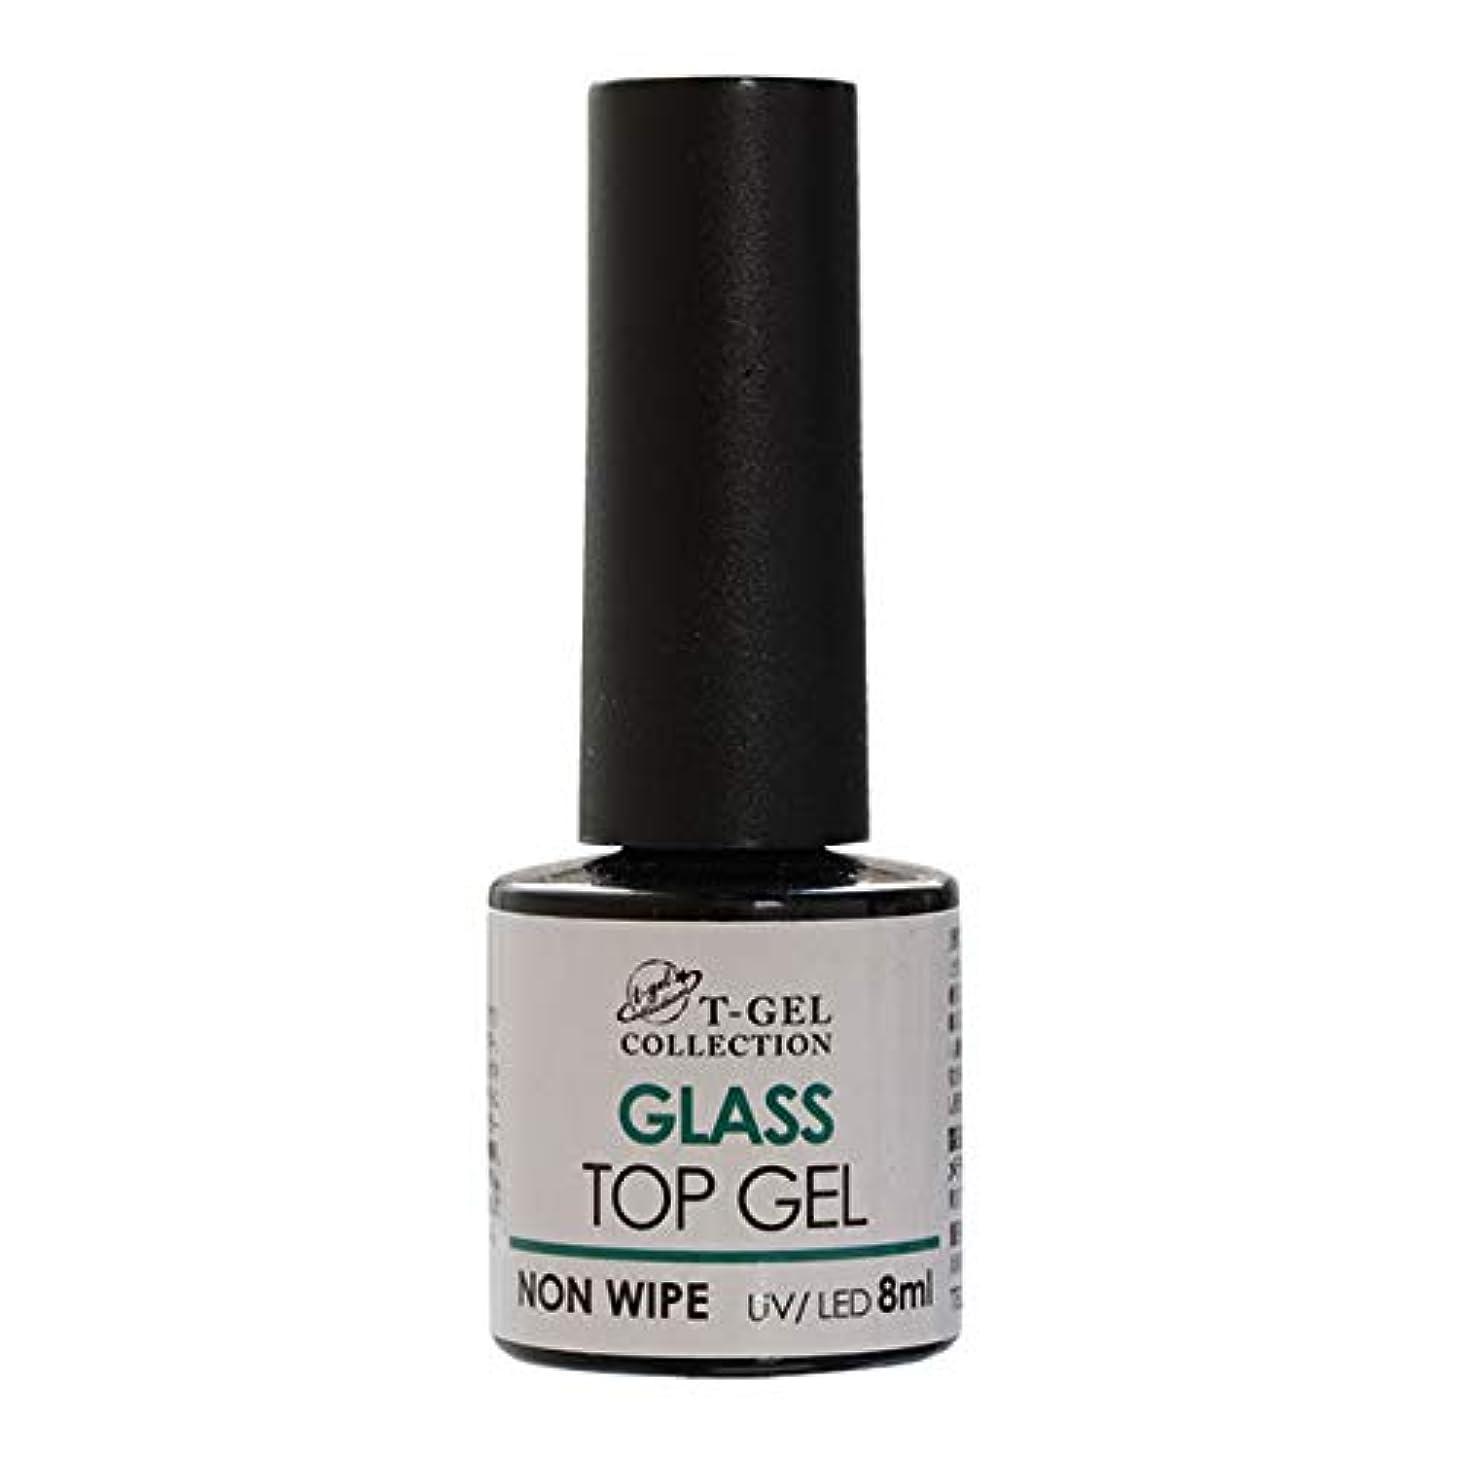 【NEW】T-GEL COLLECTION グラストップジェル(ノンワイプ) 8ml